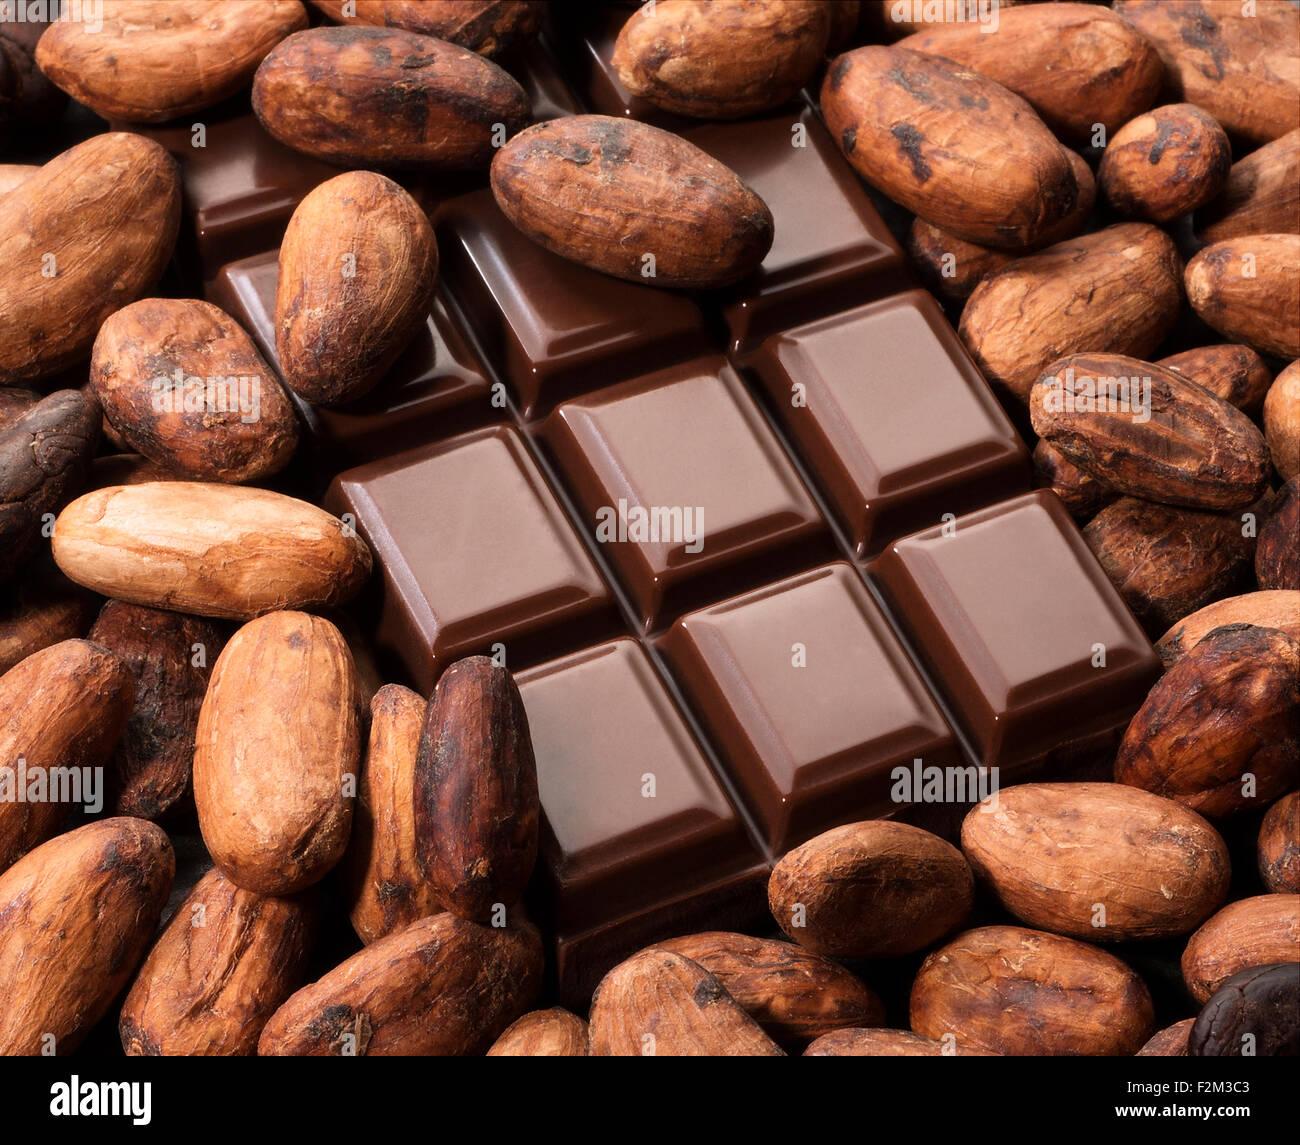 Granos de cacao y chocolate bar. Imagen De Stock